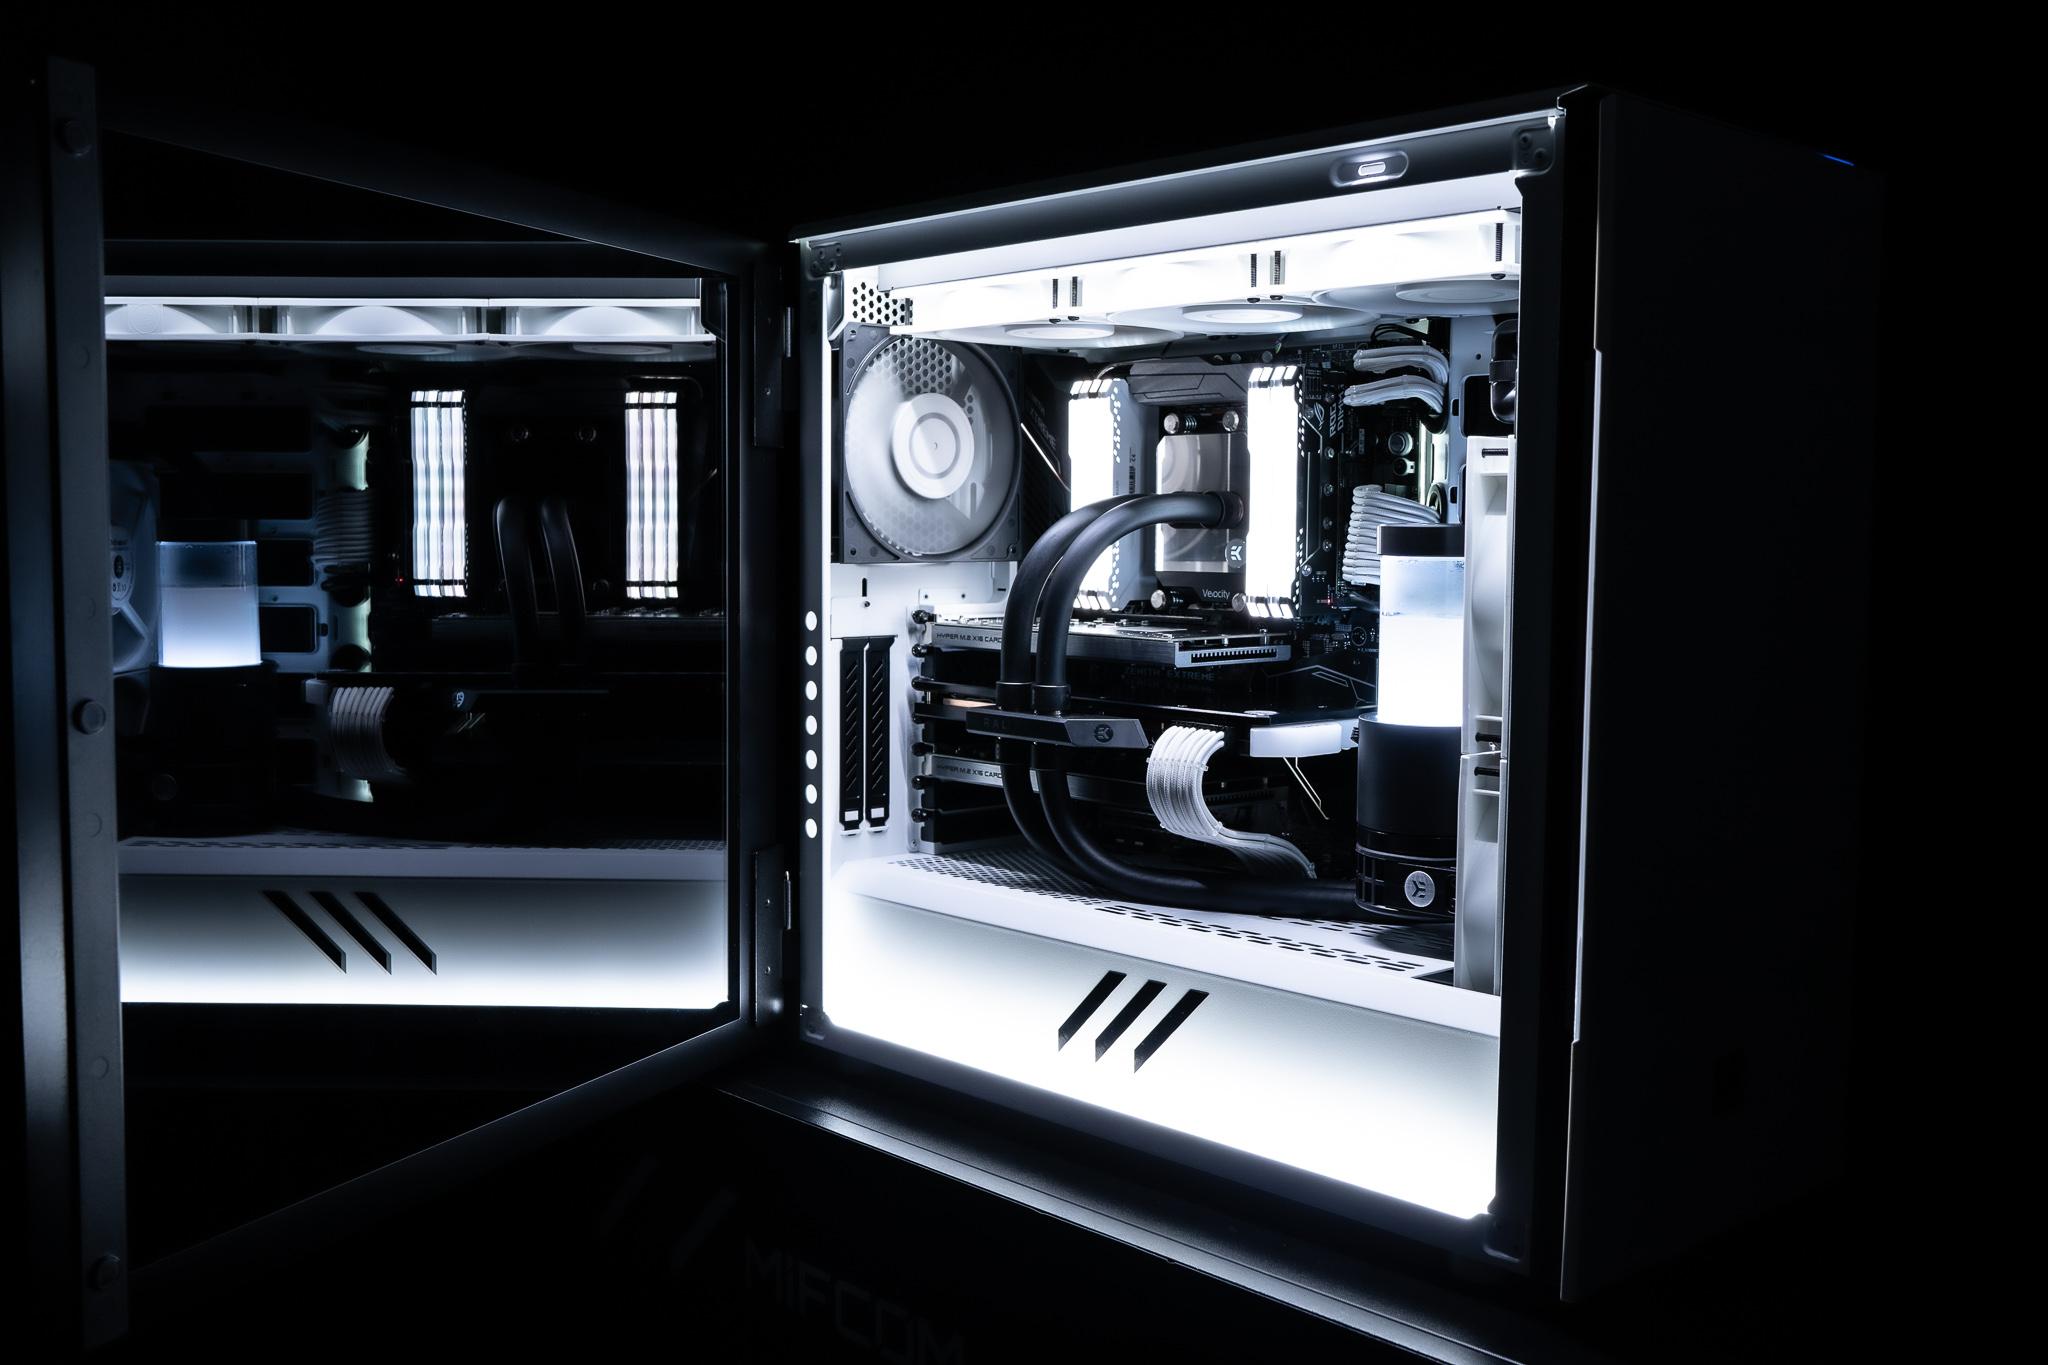 Es muss nicht der Apple Mac Pro sein: Workstations können 2020 stylisch, leistungsstark und erschwinglich sein | 10 TB SSD-RAID | Wasserkühlung | AMD Threadripper 2990WX